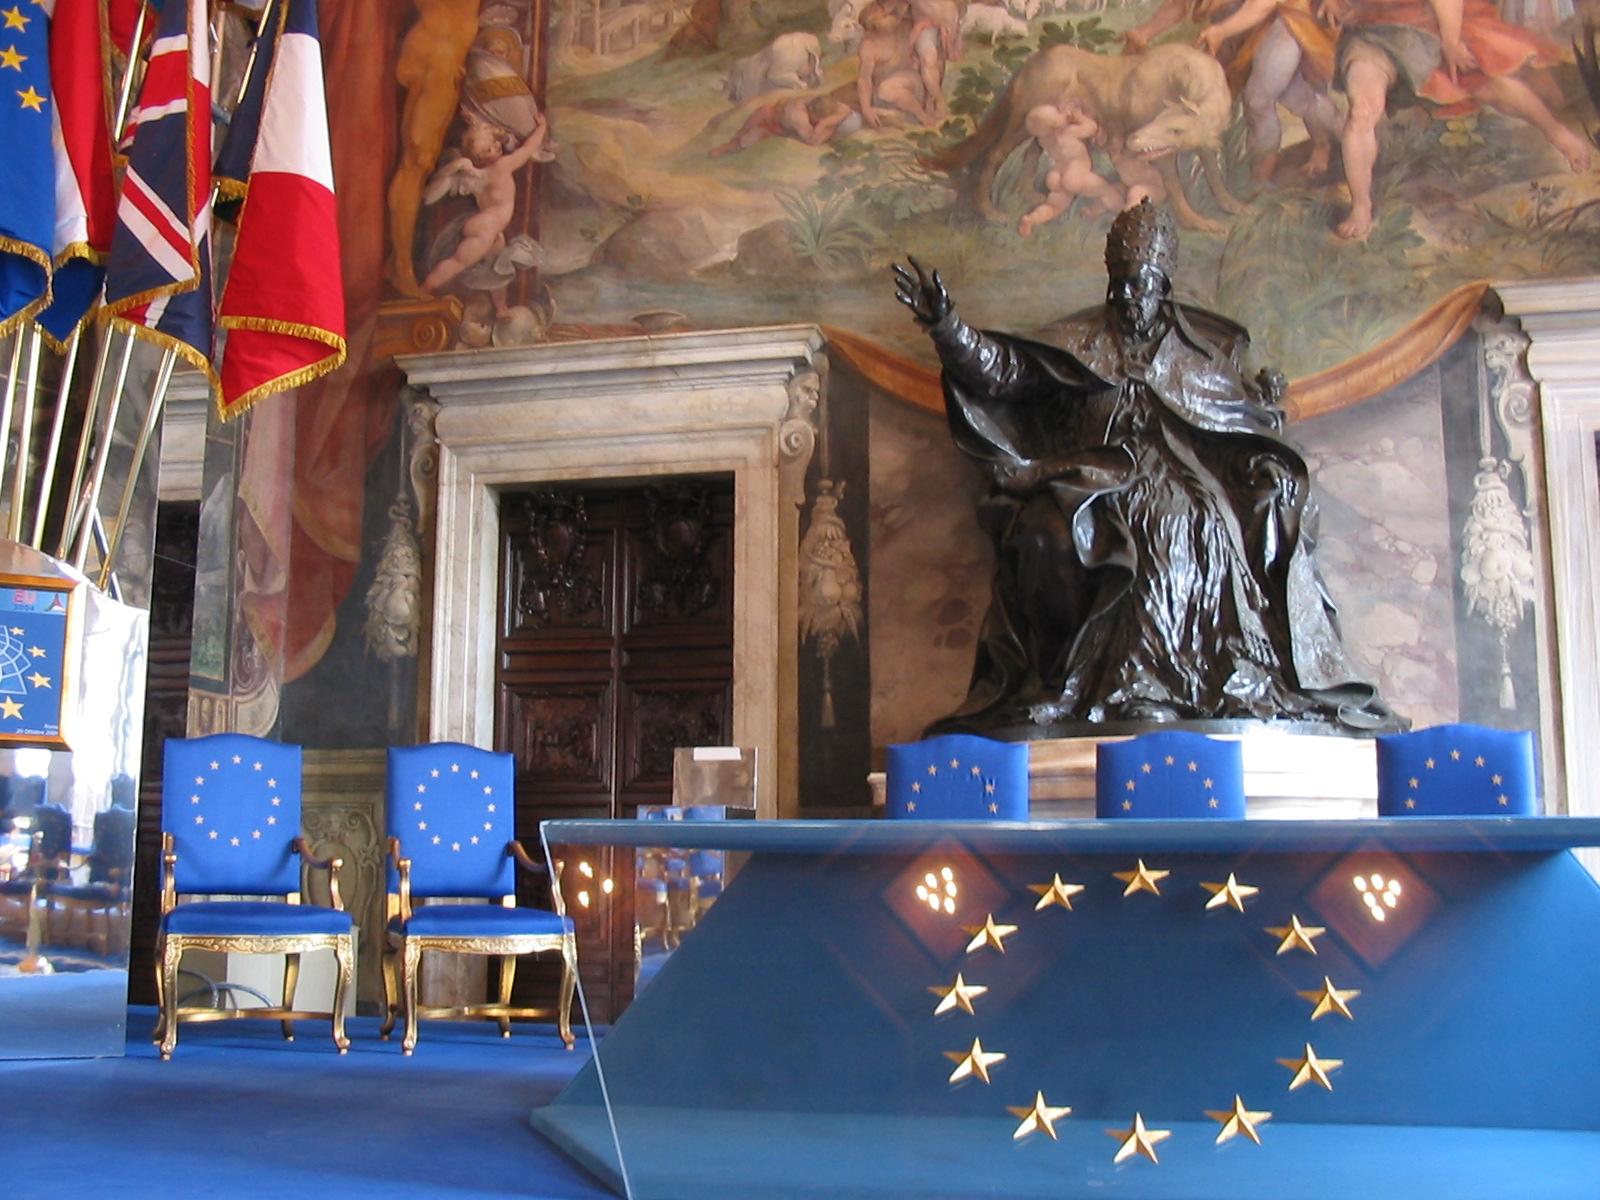 Konferenzort in dem 1957 die Römischen Verträge unterzeichnet wurden. Die Bundesrepublik wird Gründungsmitglied der Europäischen Wirtschaftsgemeinschaft.